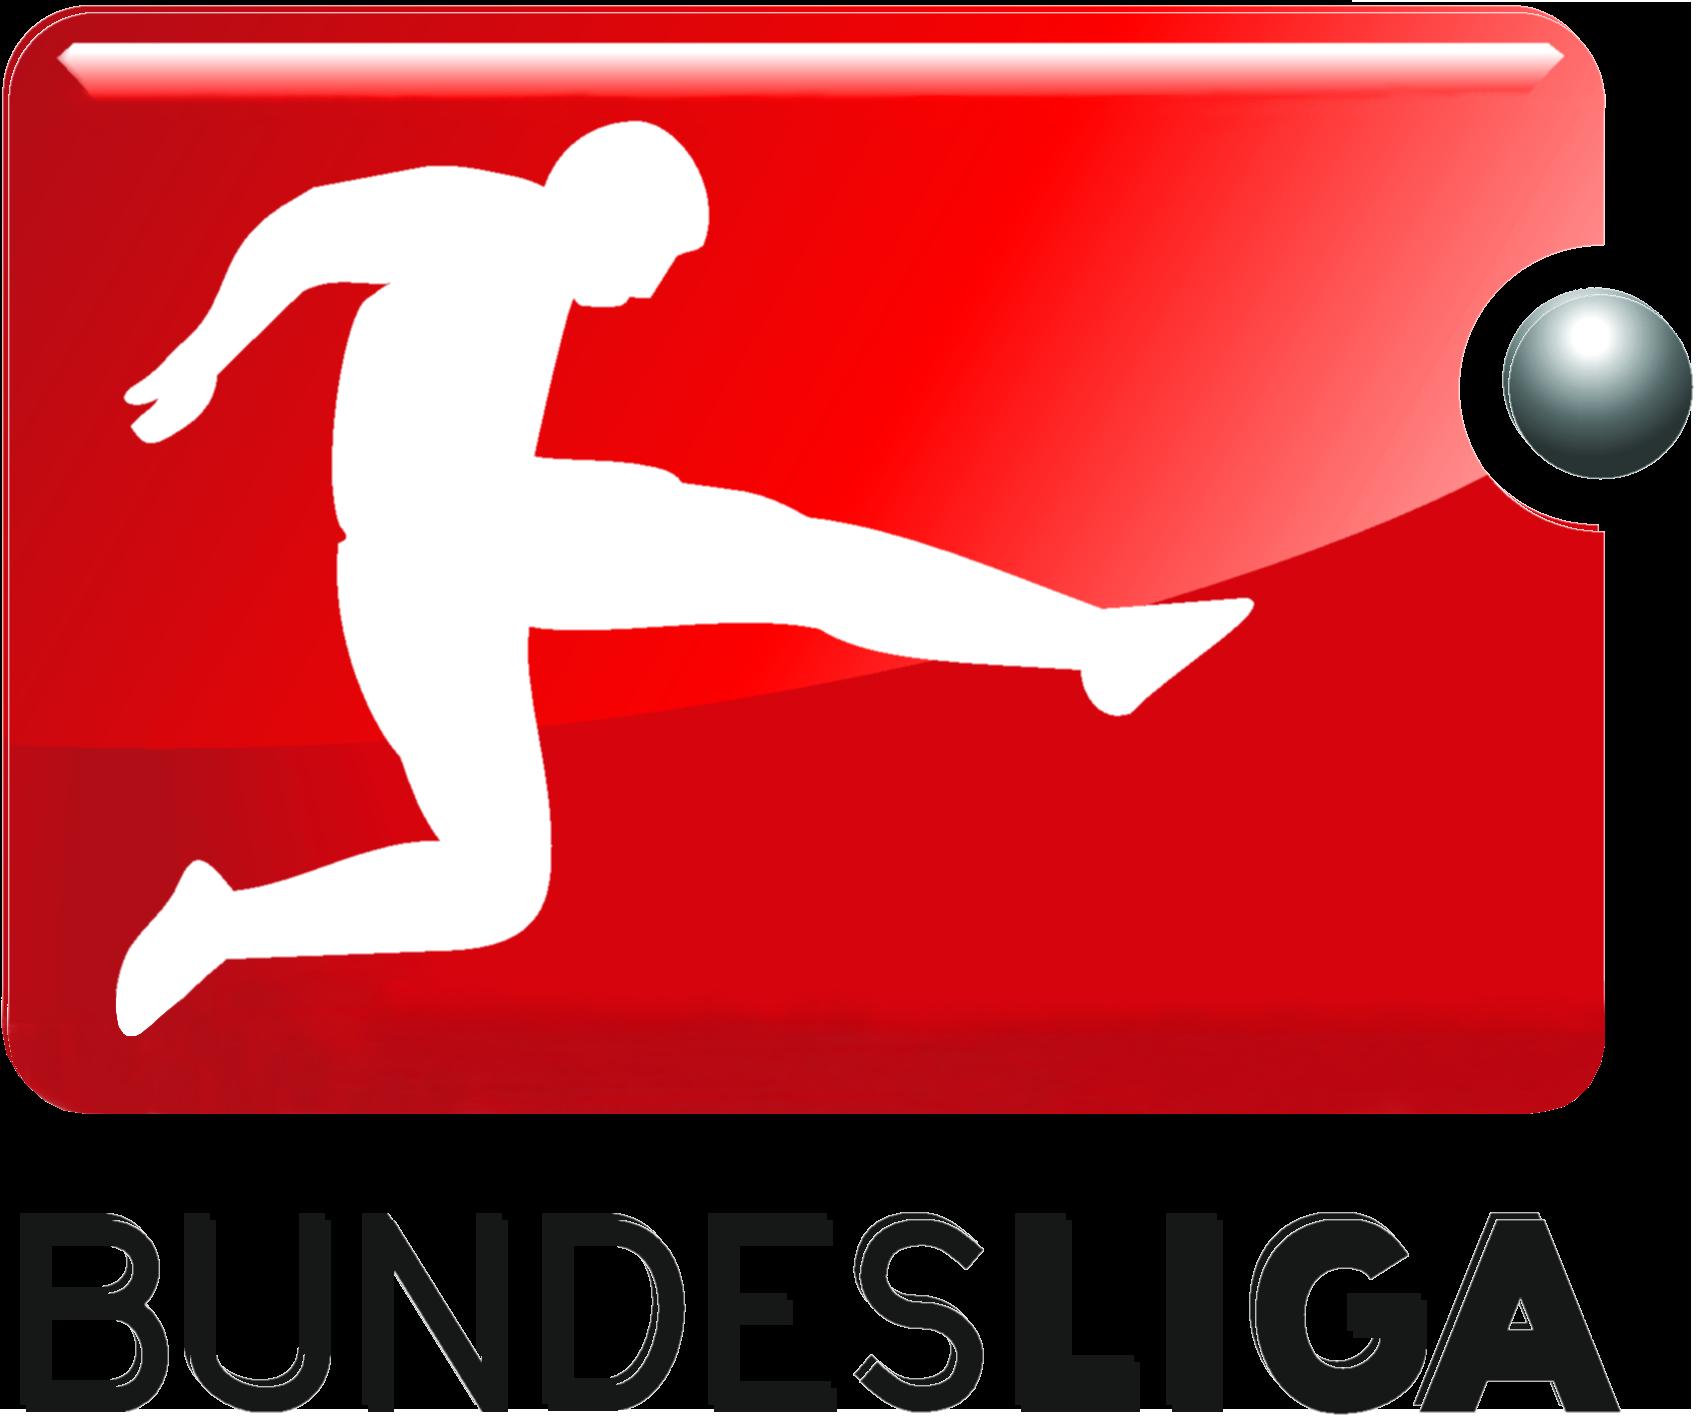 fussball ergebnis bvb heute